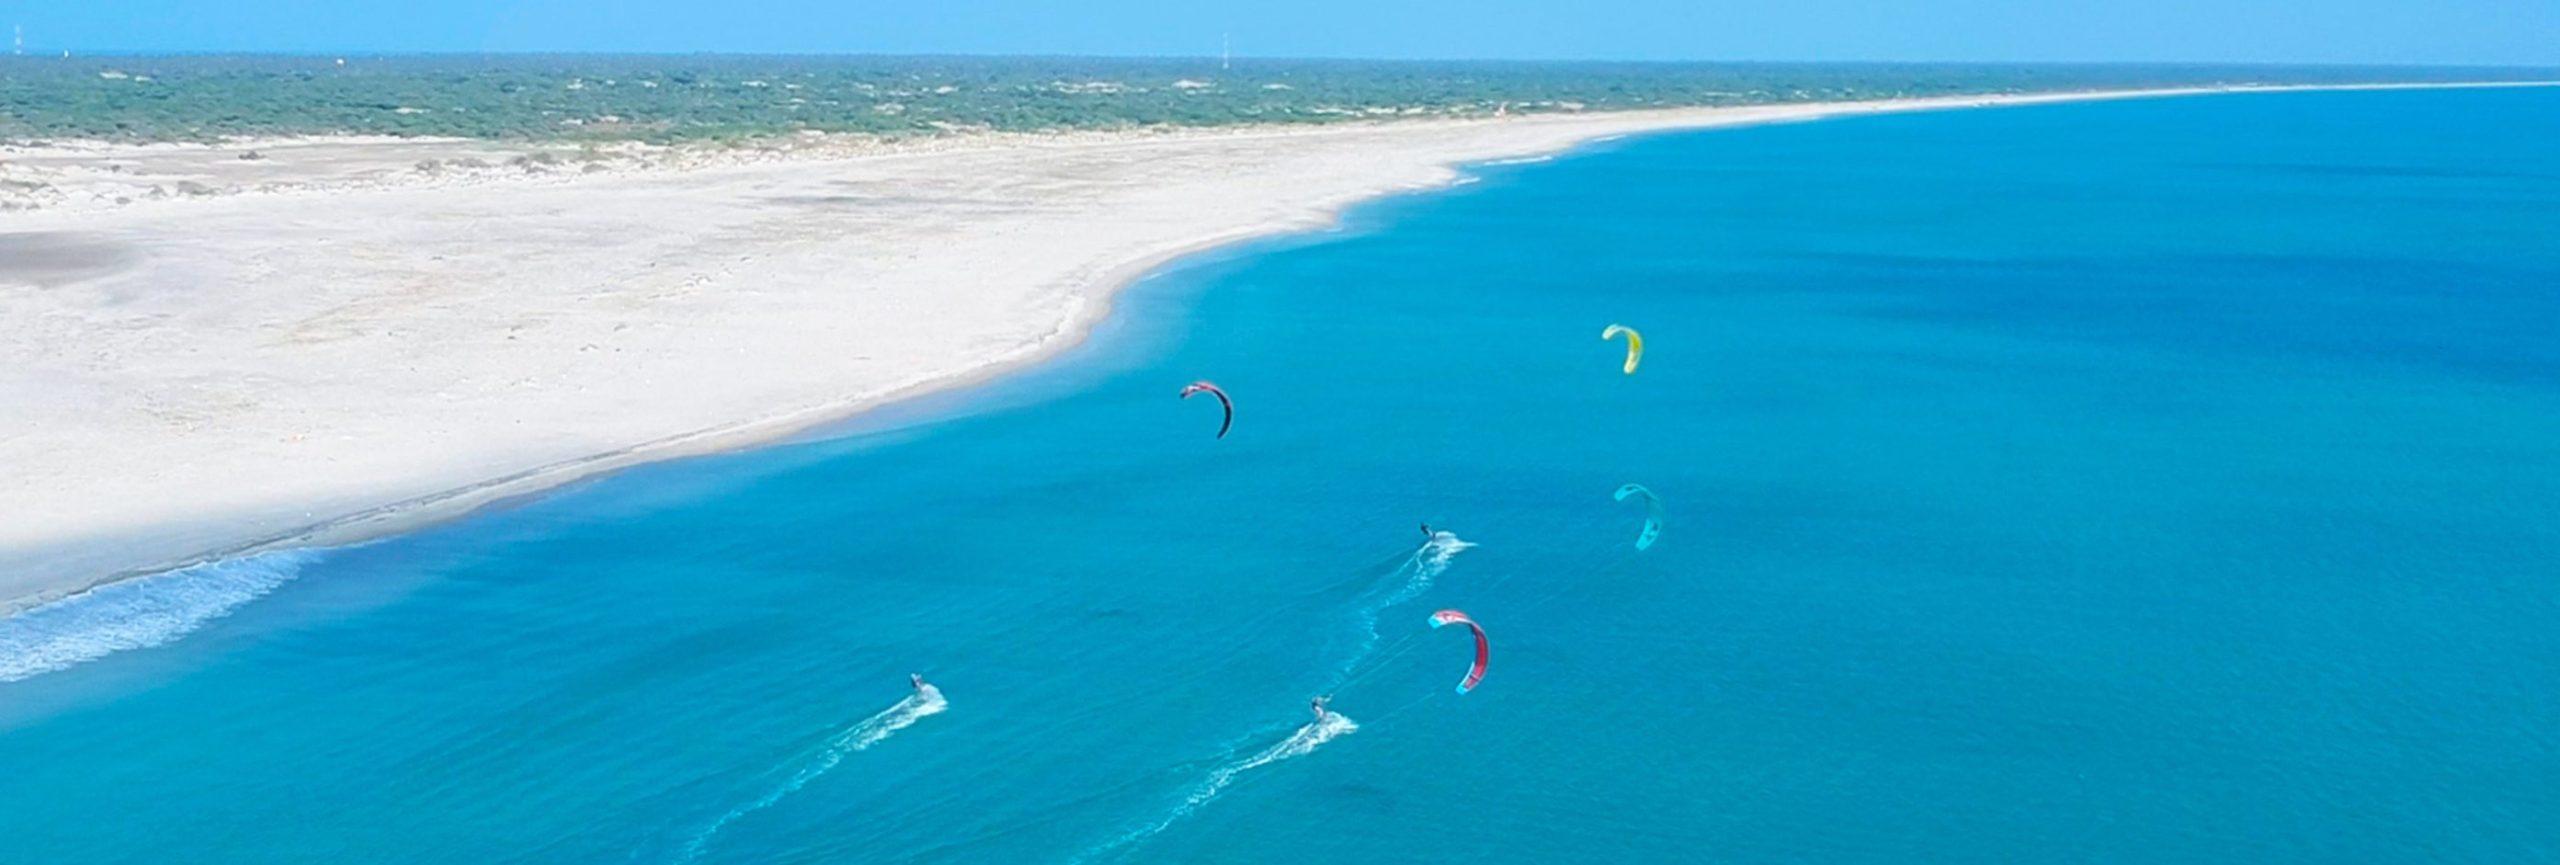 Sri Lanka kite paradise